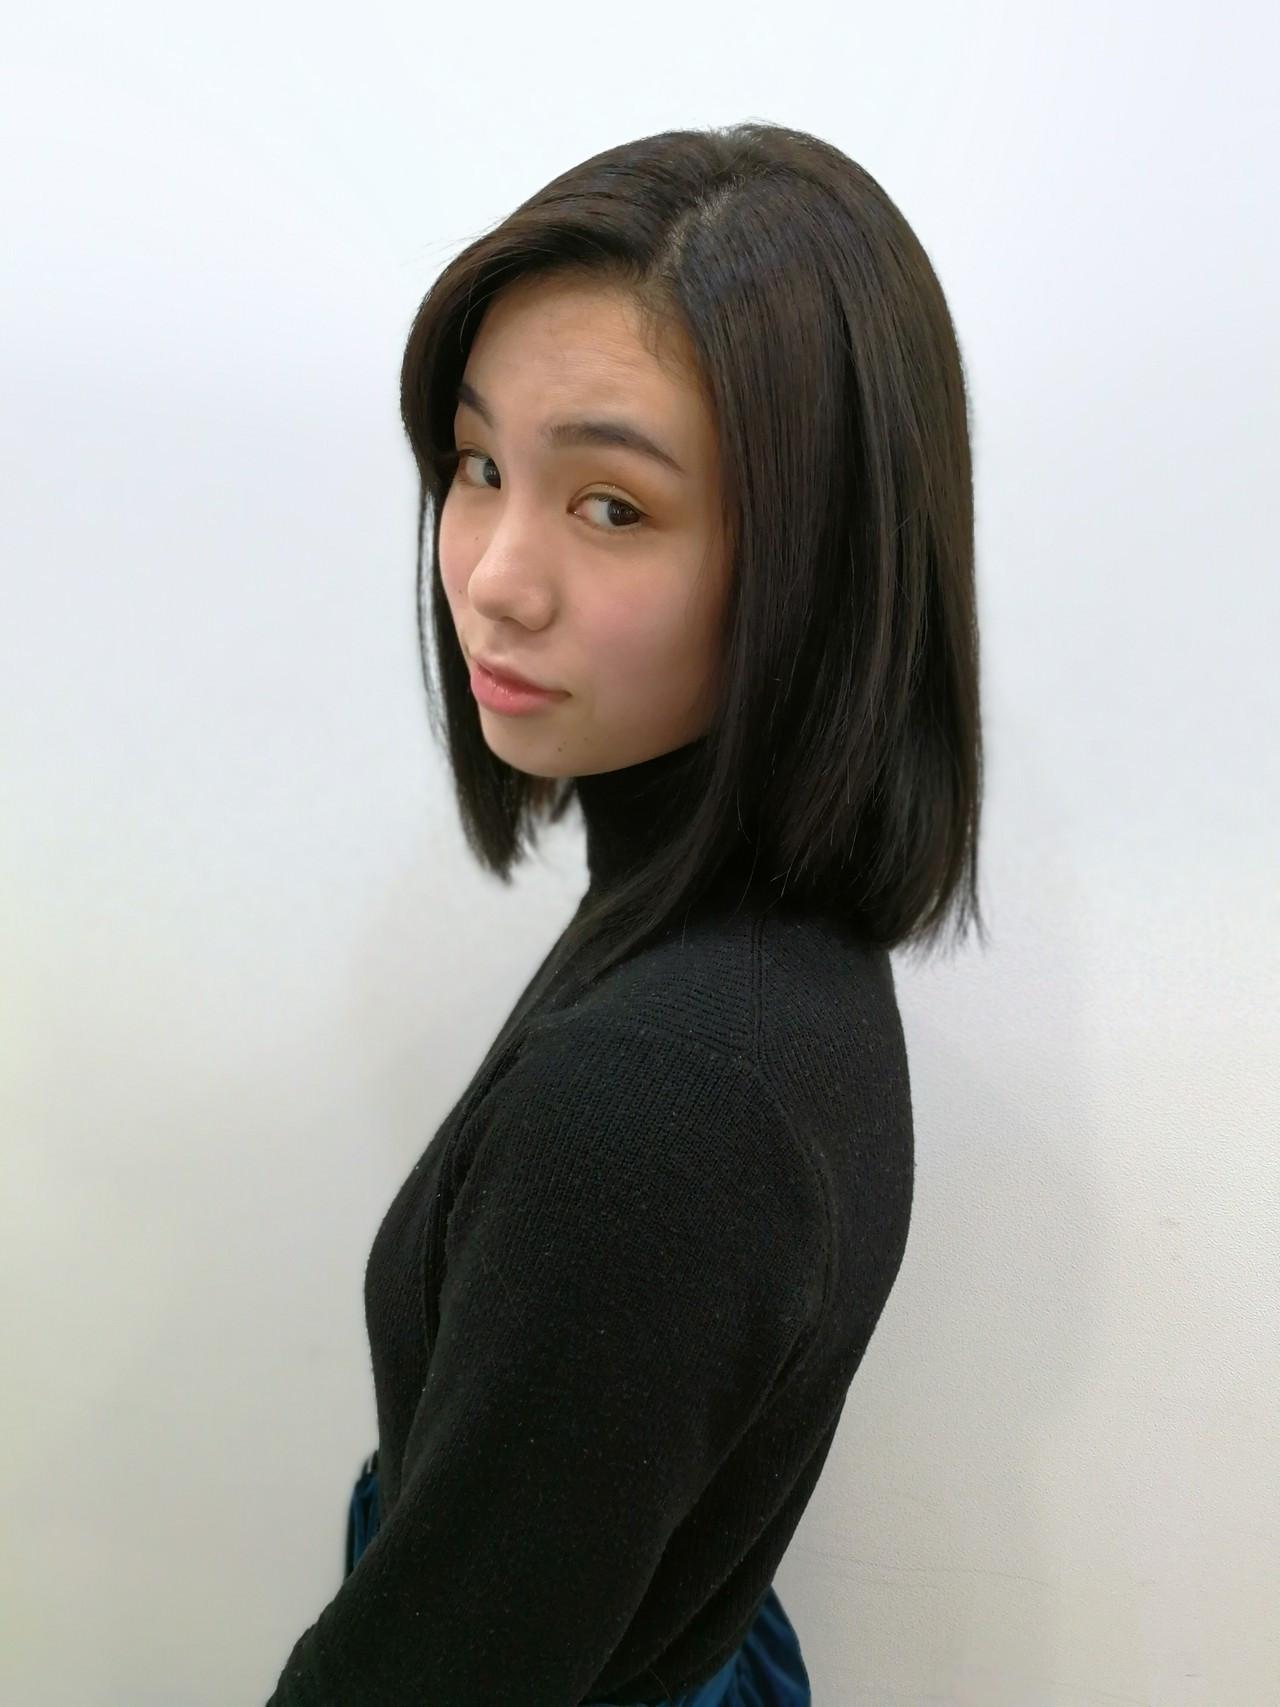 ナチュラルでエレガントな黒髪ミディアム Saori Kastuki  Holic_beauty_salon